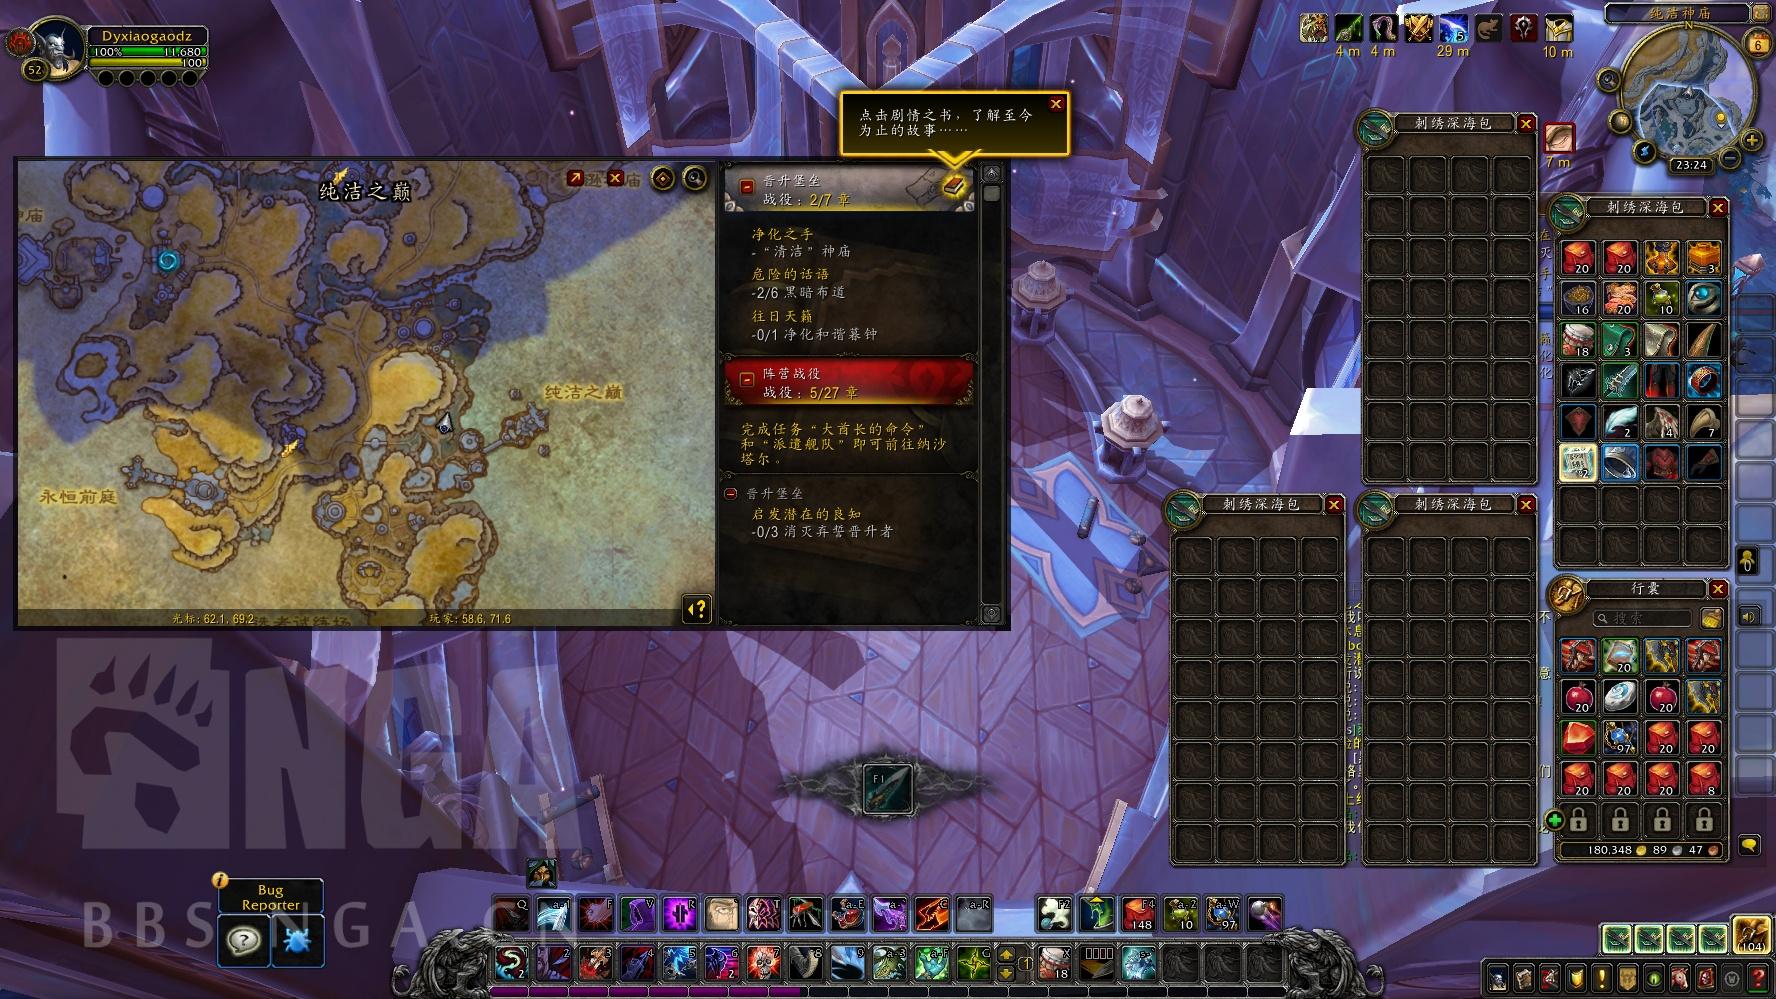 《魔兽世界》9.0美德暮钟位置坐标